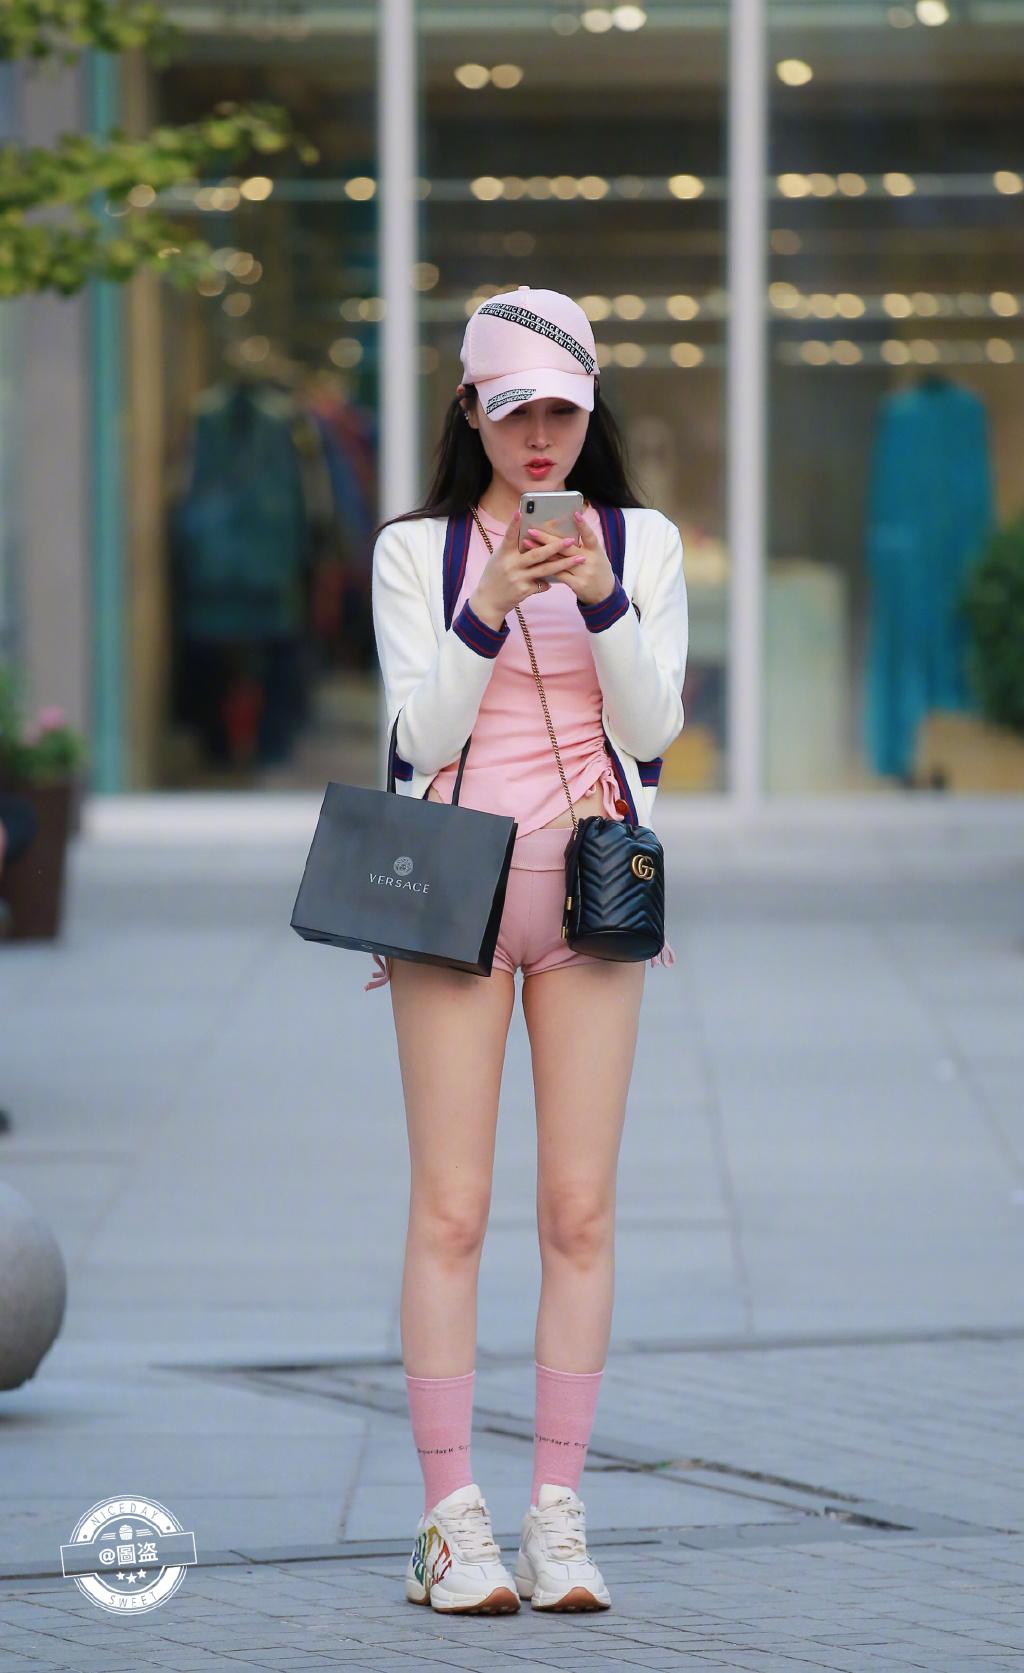 他们都说这袜子有点紧了 可能是袜子不太合身 网络美女 第2张